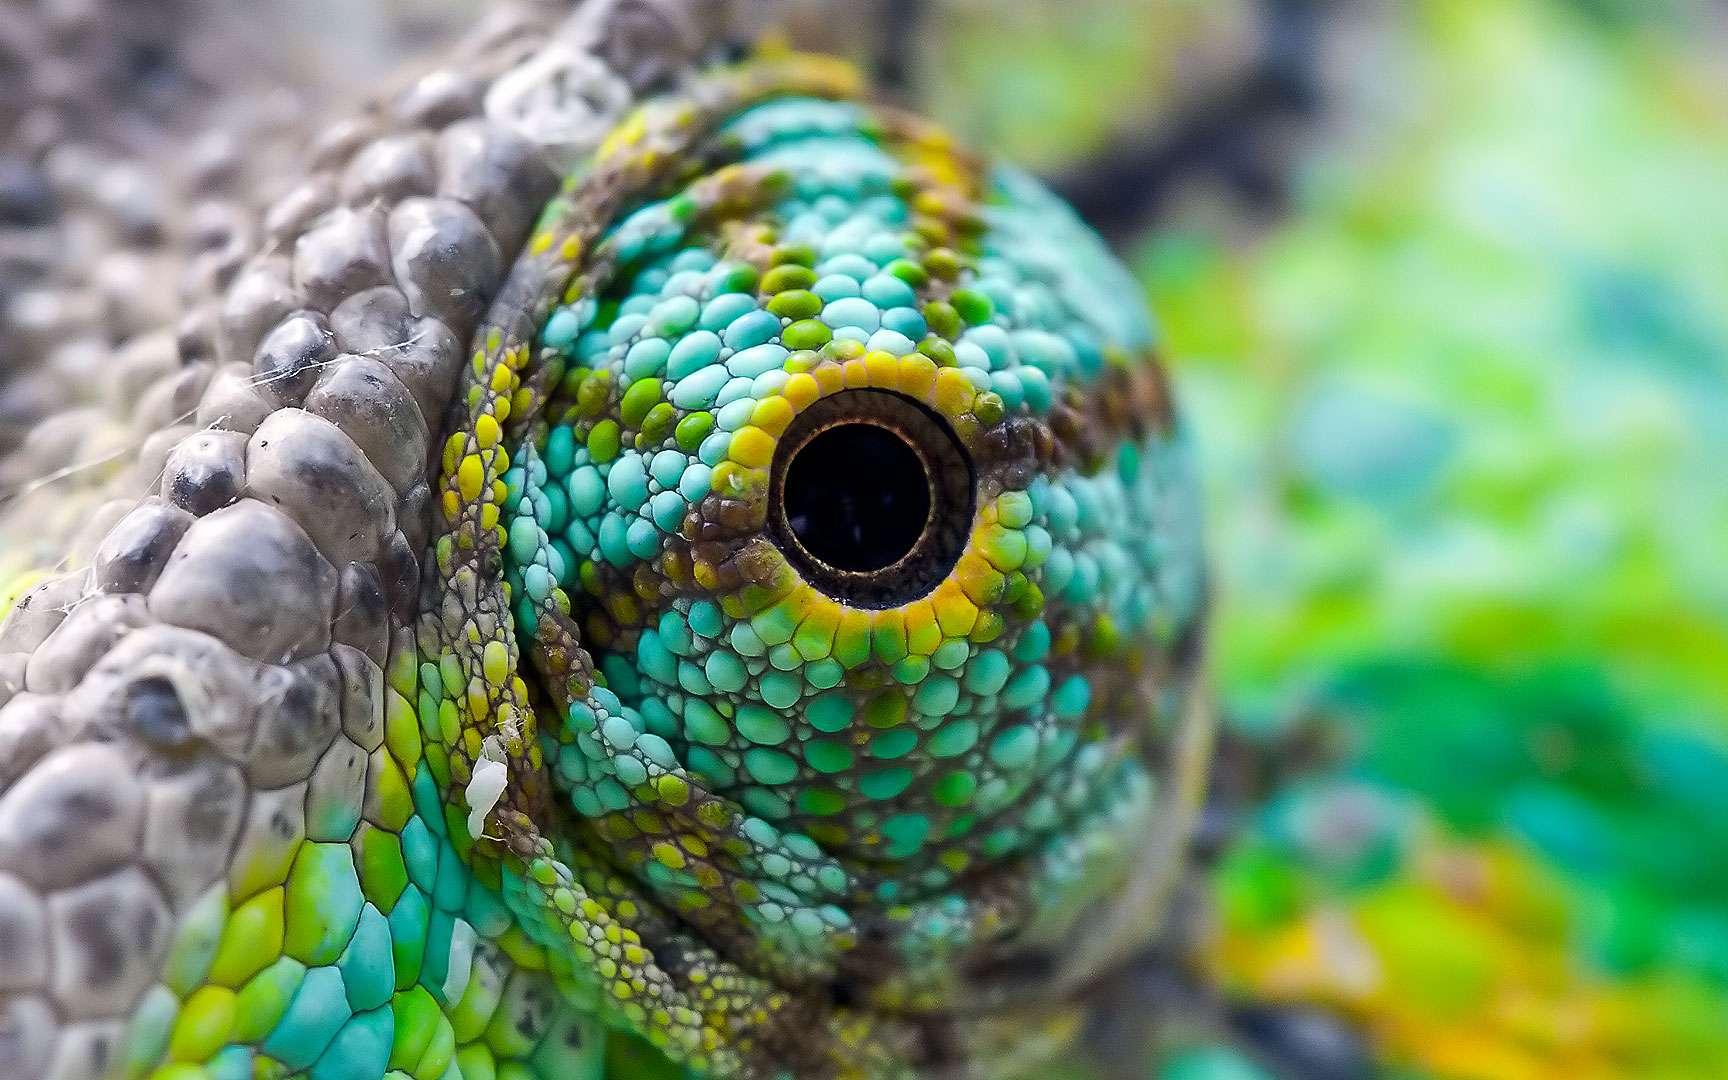 L'œil protubérant du caméléon. Les yeux du caméléon peuvent bouger indépendamment l'un de l'autre. Ce reptile est capable de voir deux images distinctes car les informations visuelles provenant de chaque œil ne se rencontrent pas dans son cerveau. © kaibara87, Flickr, CC by 2.0